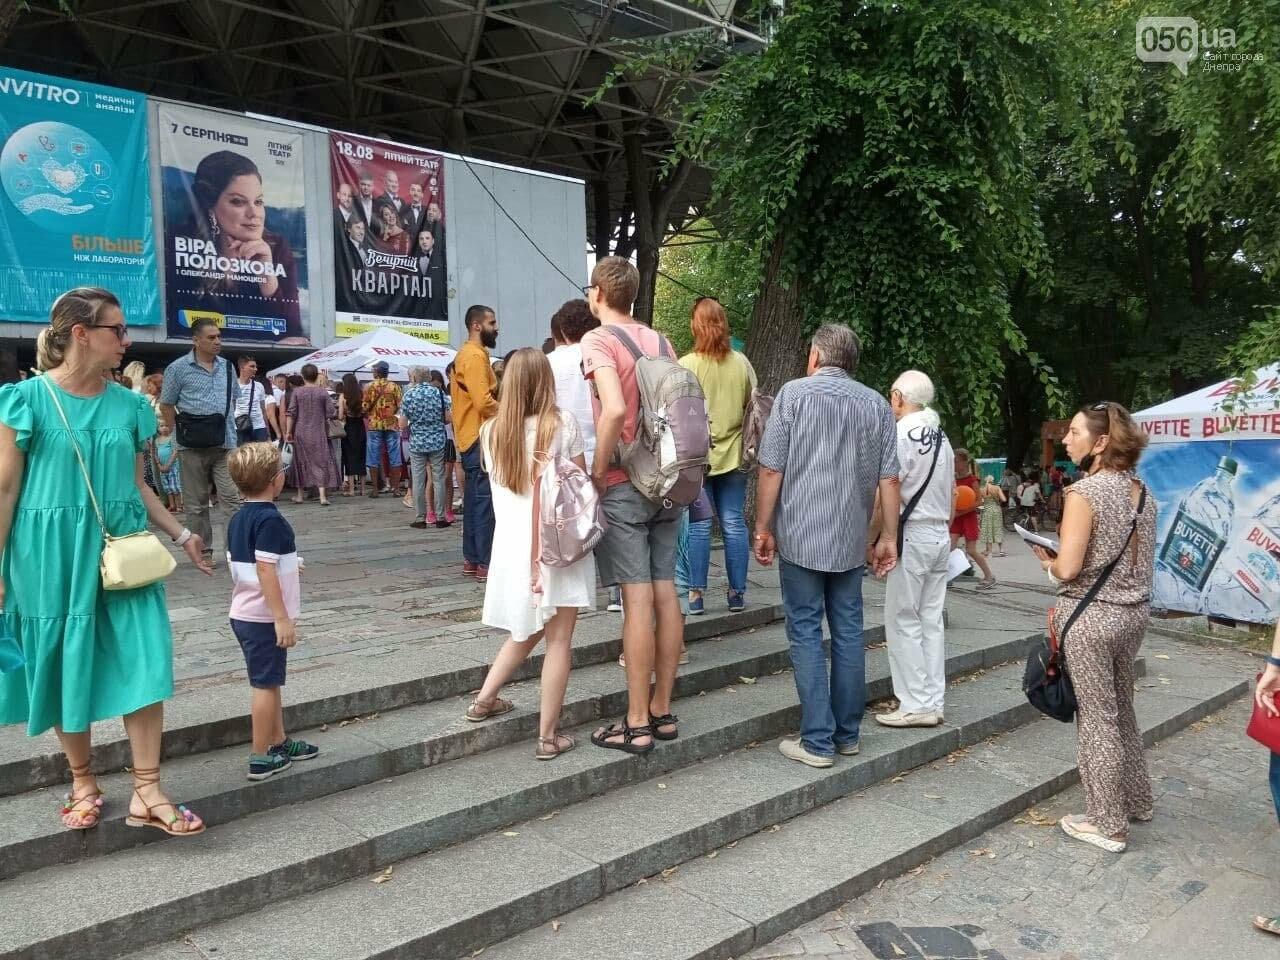 В Днепре по всей территории парка Шевченко звучит музыка нон-стоп, - ФОТО, ВИДЕО, фото-12